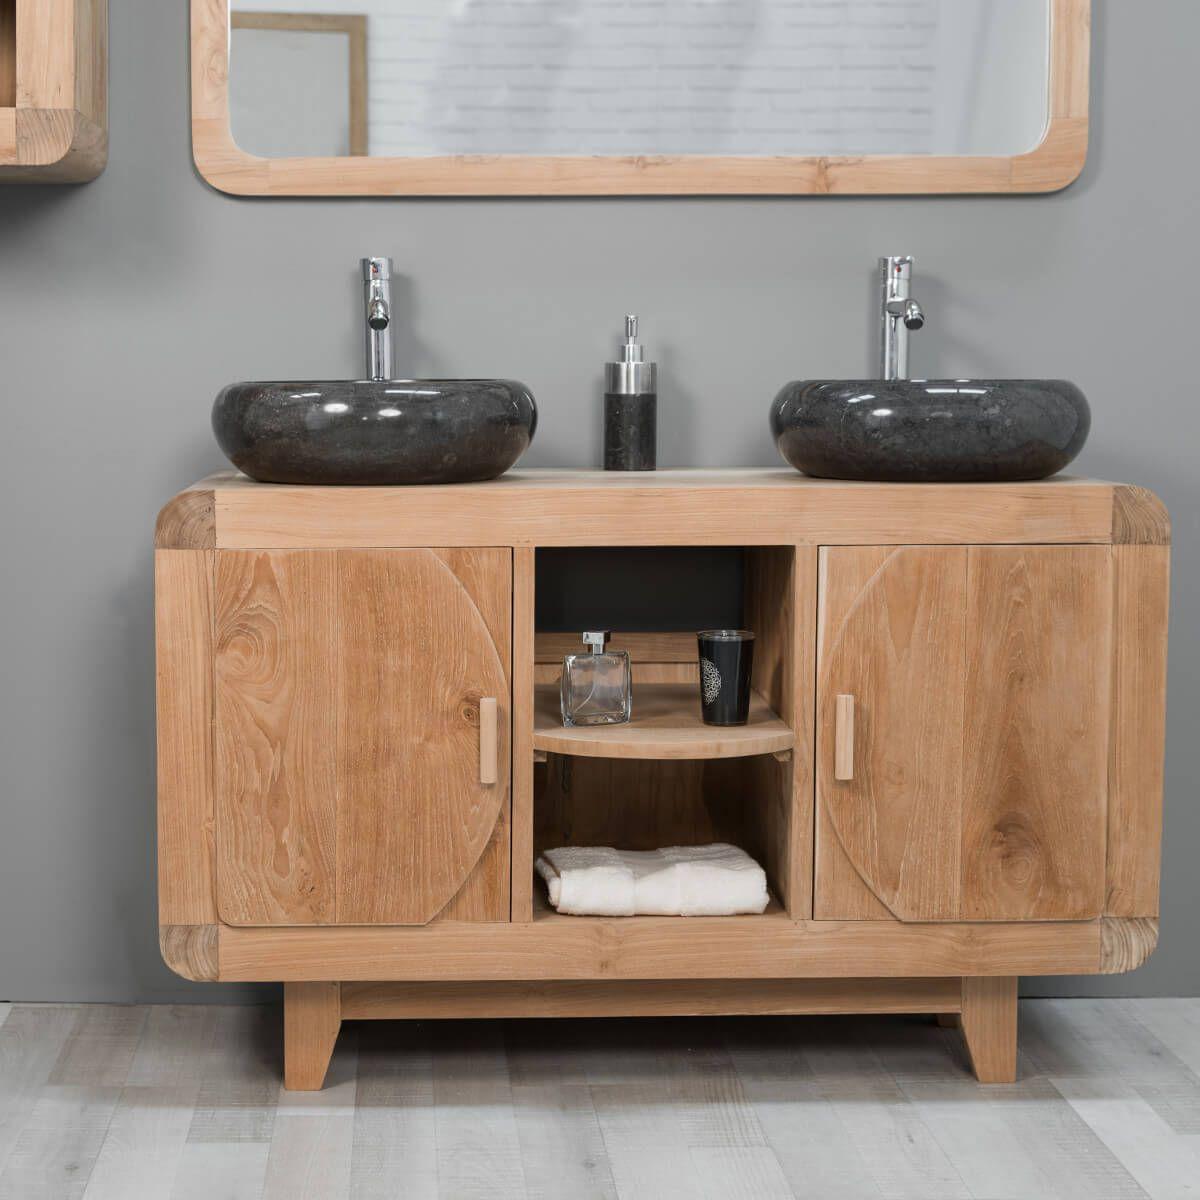 Meuble sous vasque (double vasque) en bois (teck) massif : rétro ...